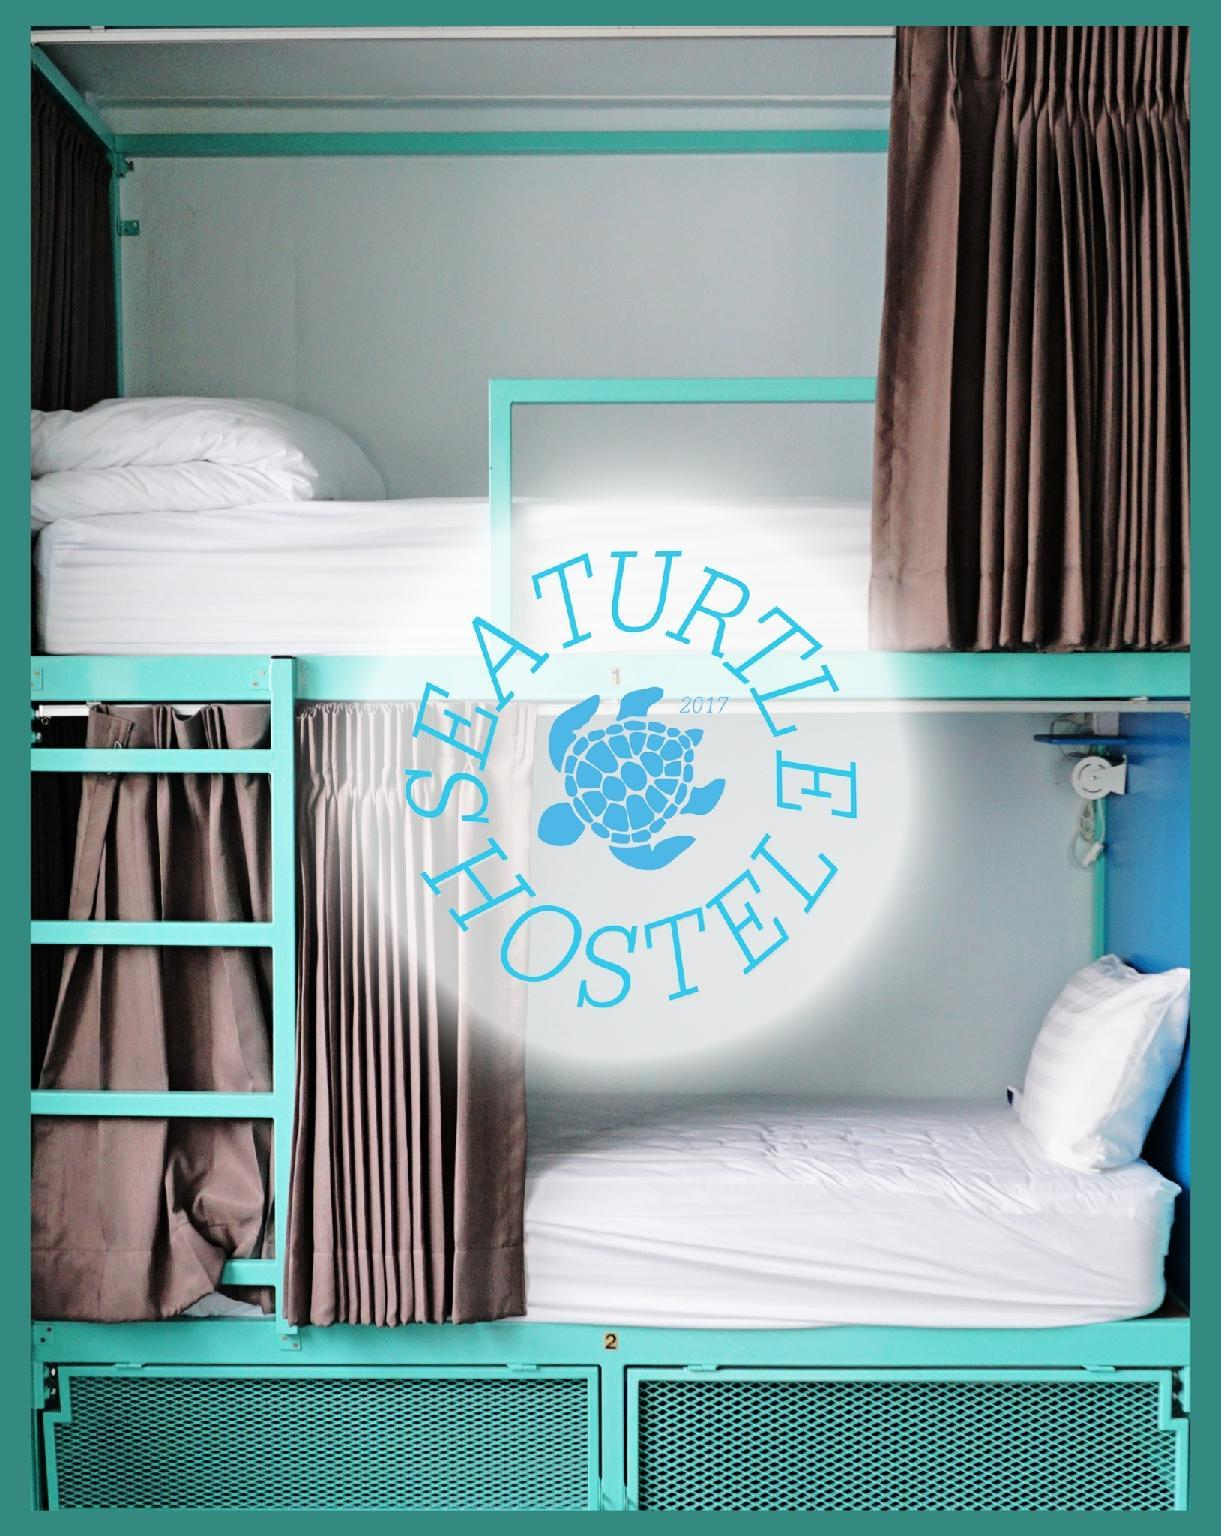 Sea Turtle Hostel